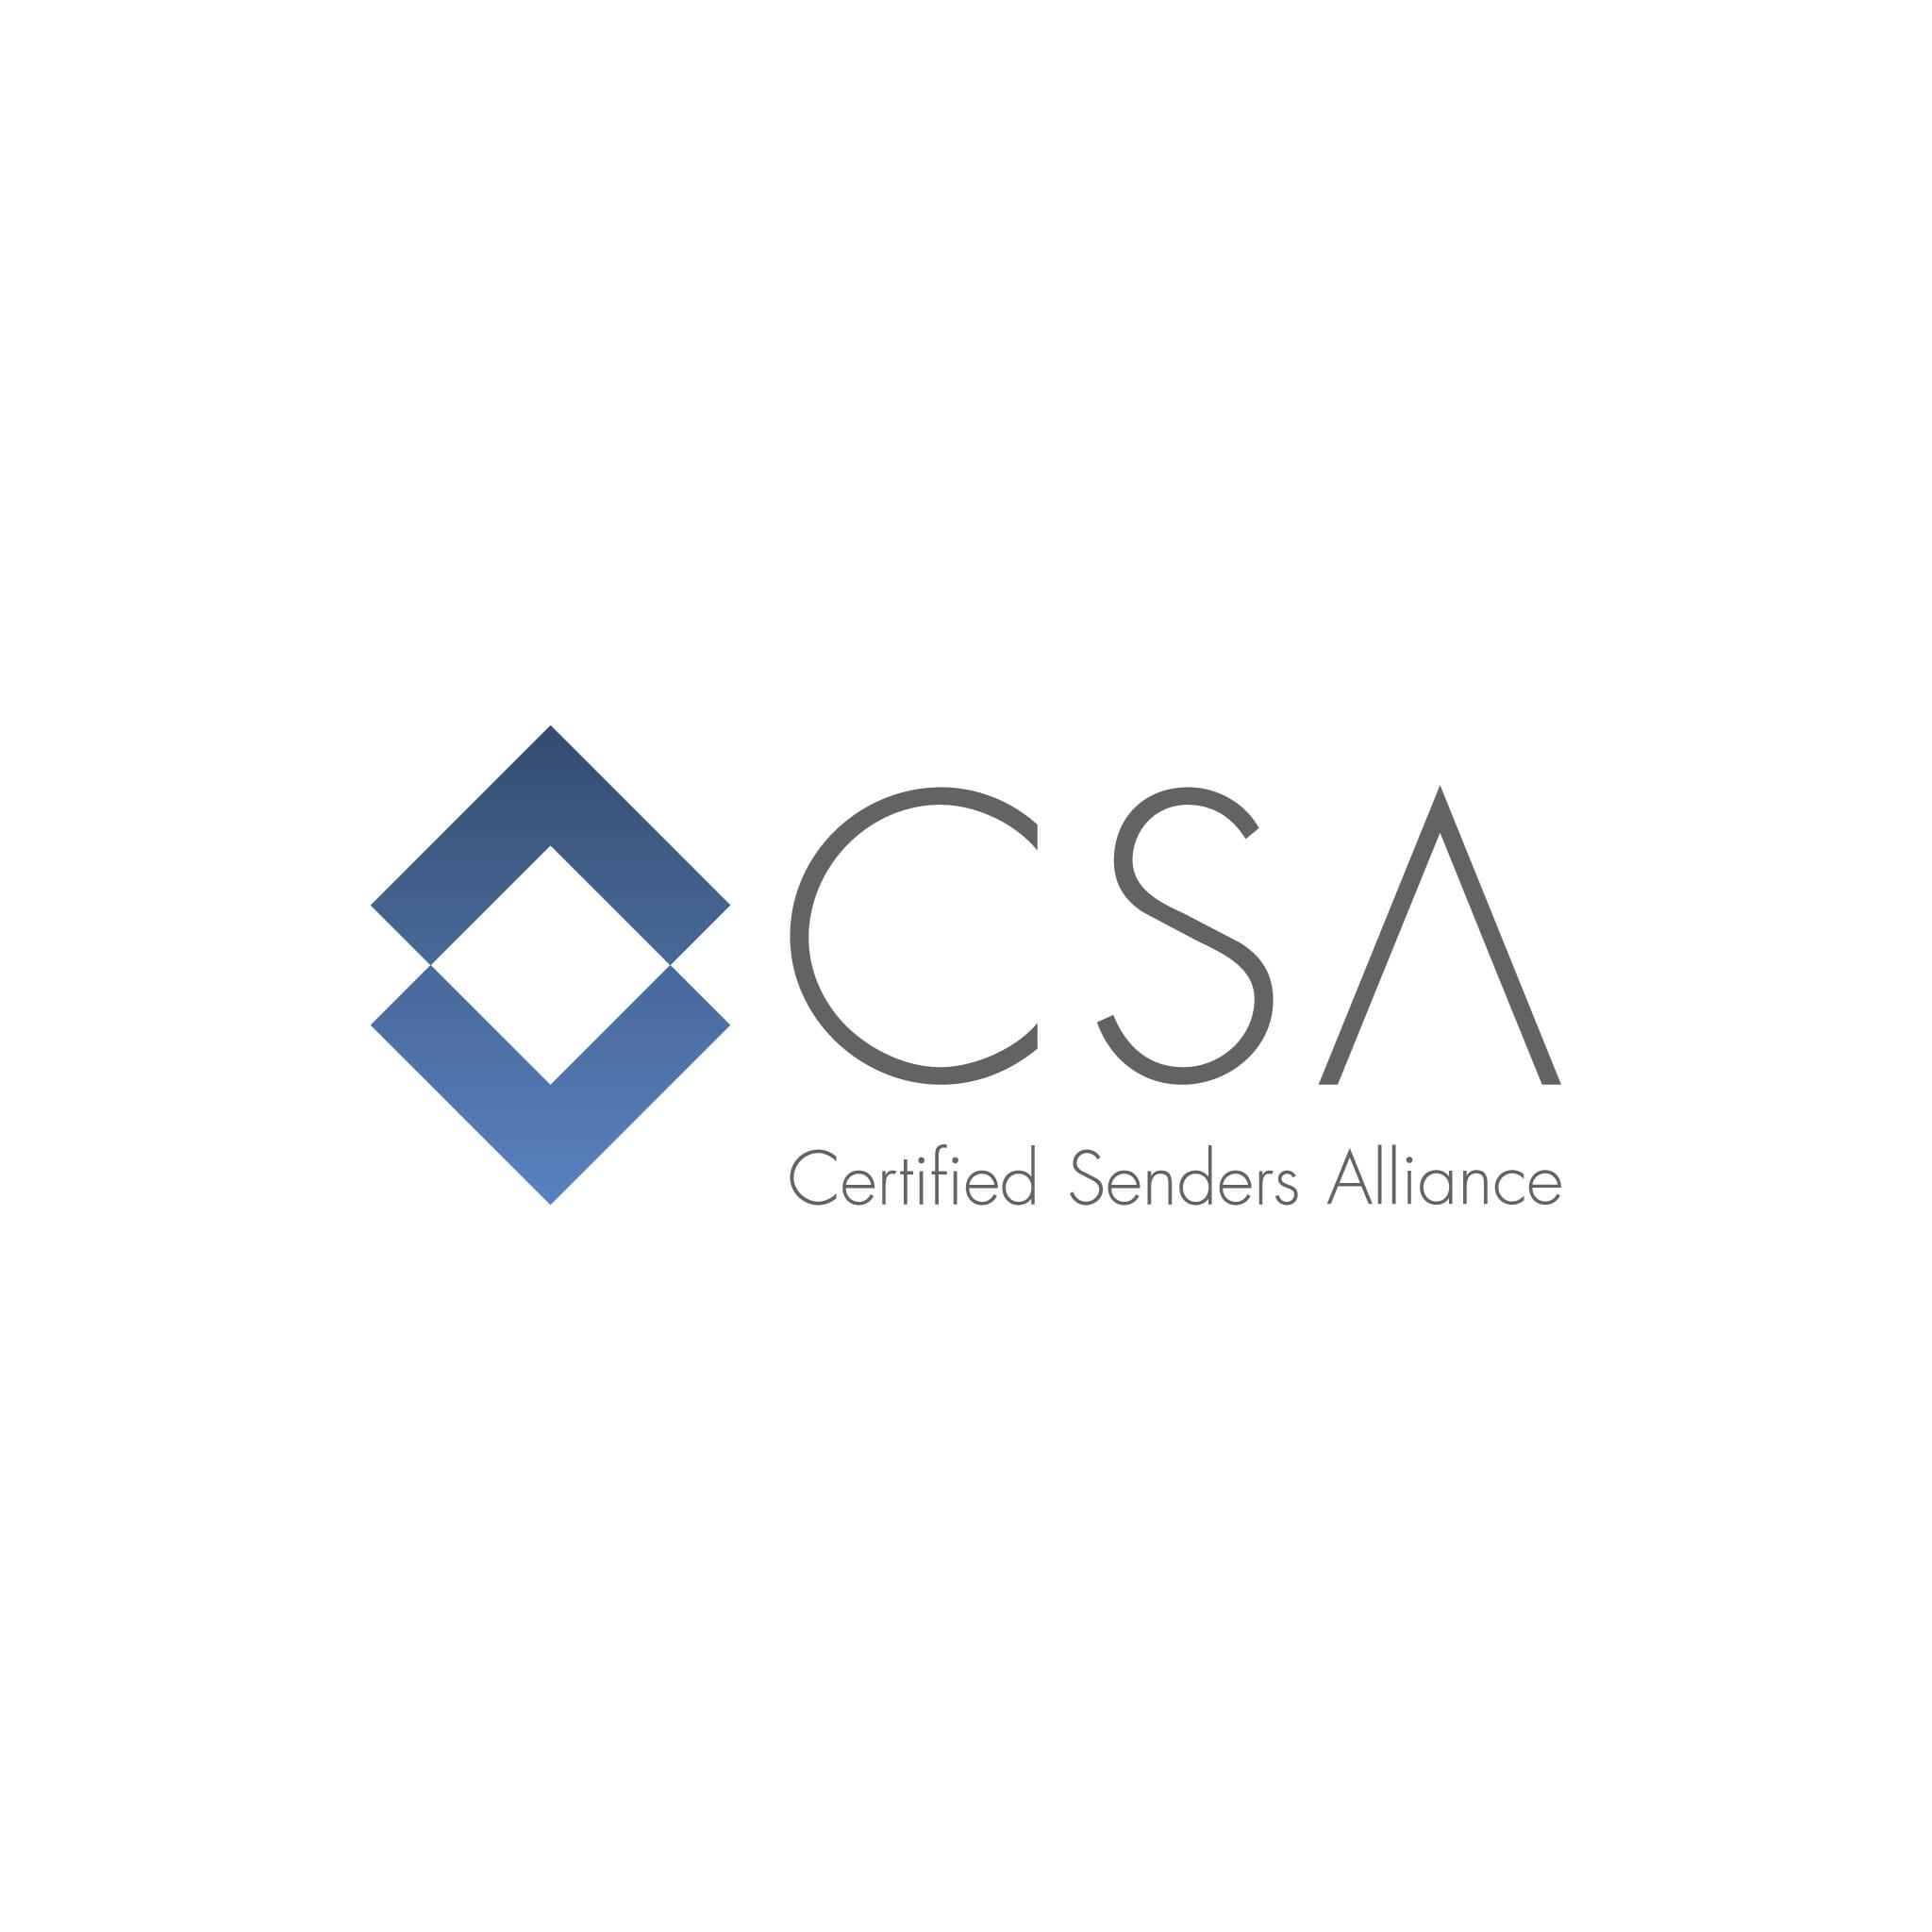 csa-logo_2048